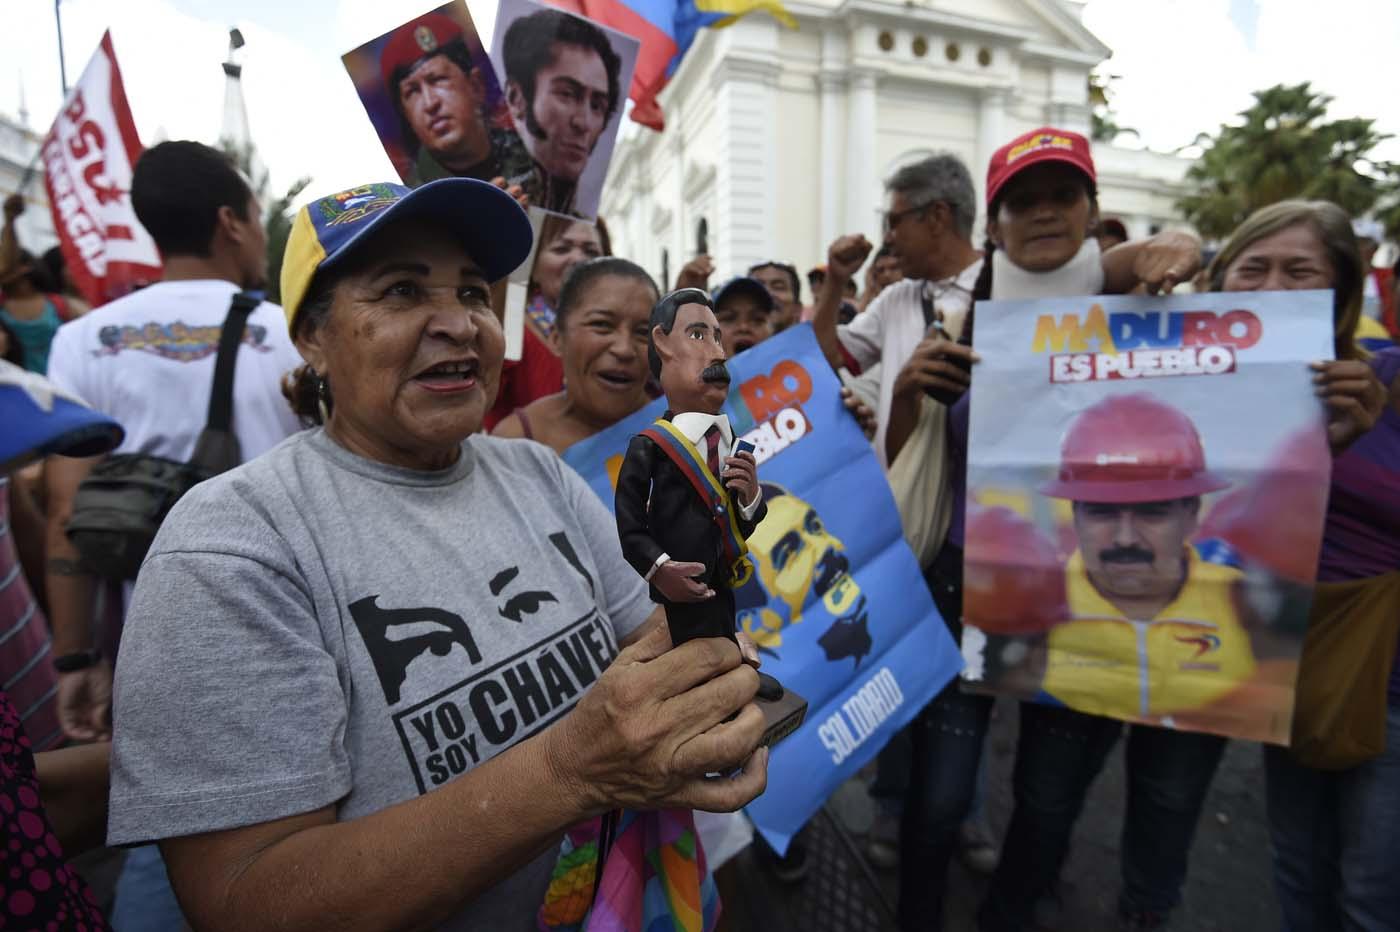 Gobierno de Nicolas Maduro. - Página 18 000_HF2QV